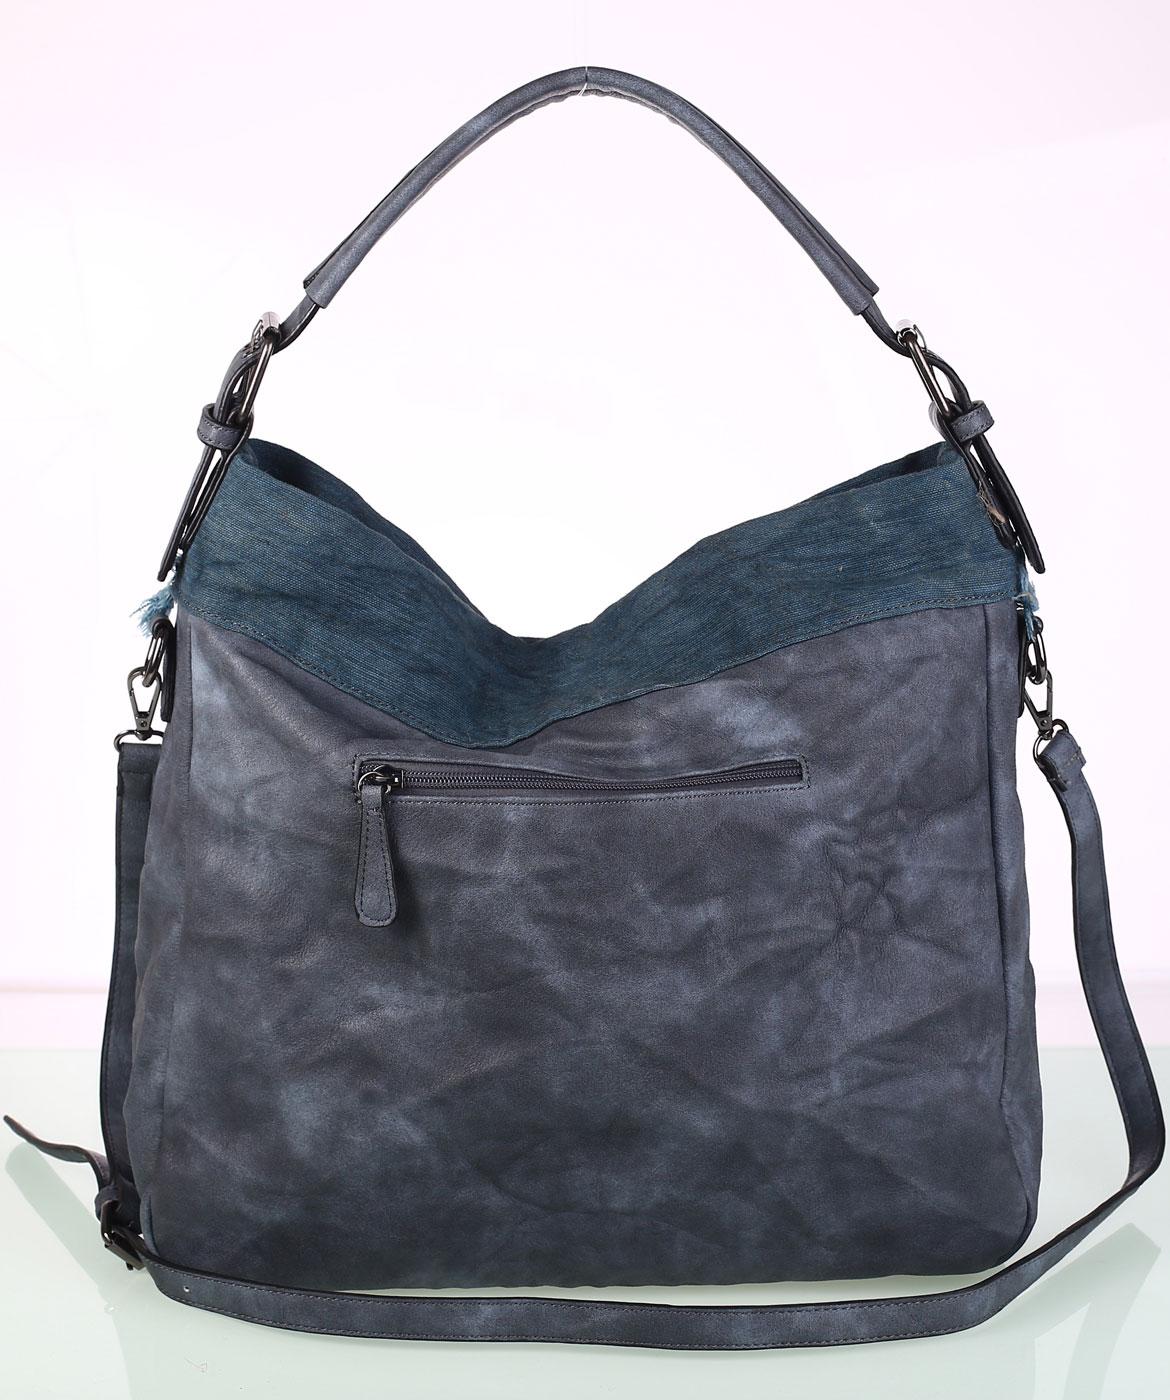 Dámska kabelka eko koža Kbas s ozdobným vybíjaním modrá 01fe50a58fe